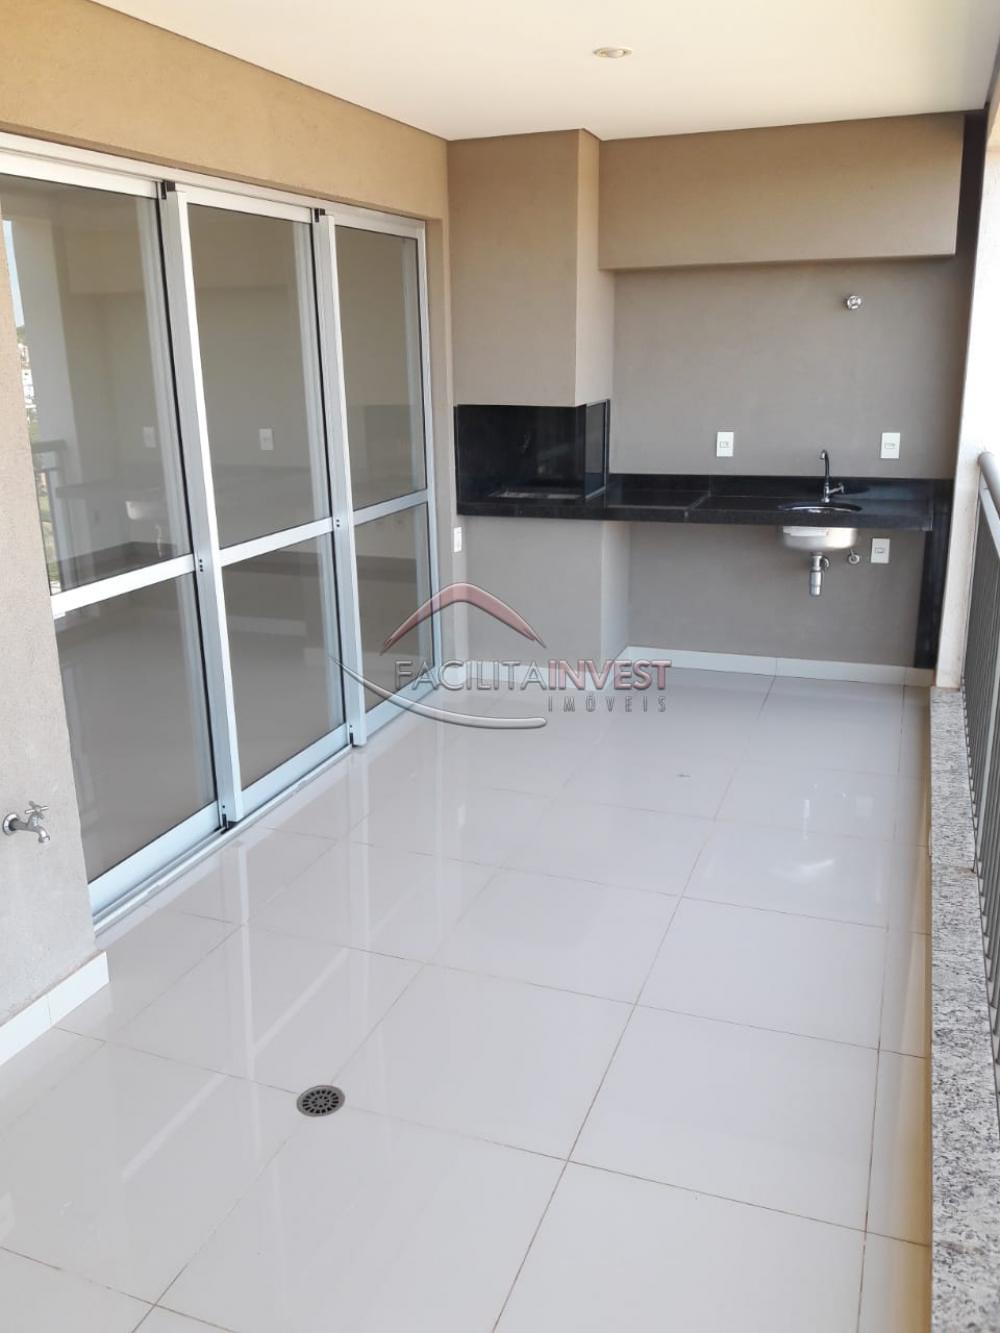 Comprar Apartamentos / Apart. Padrão em Ribeirão Preto apenas R$ 747.560,31 - Foto 15